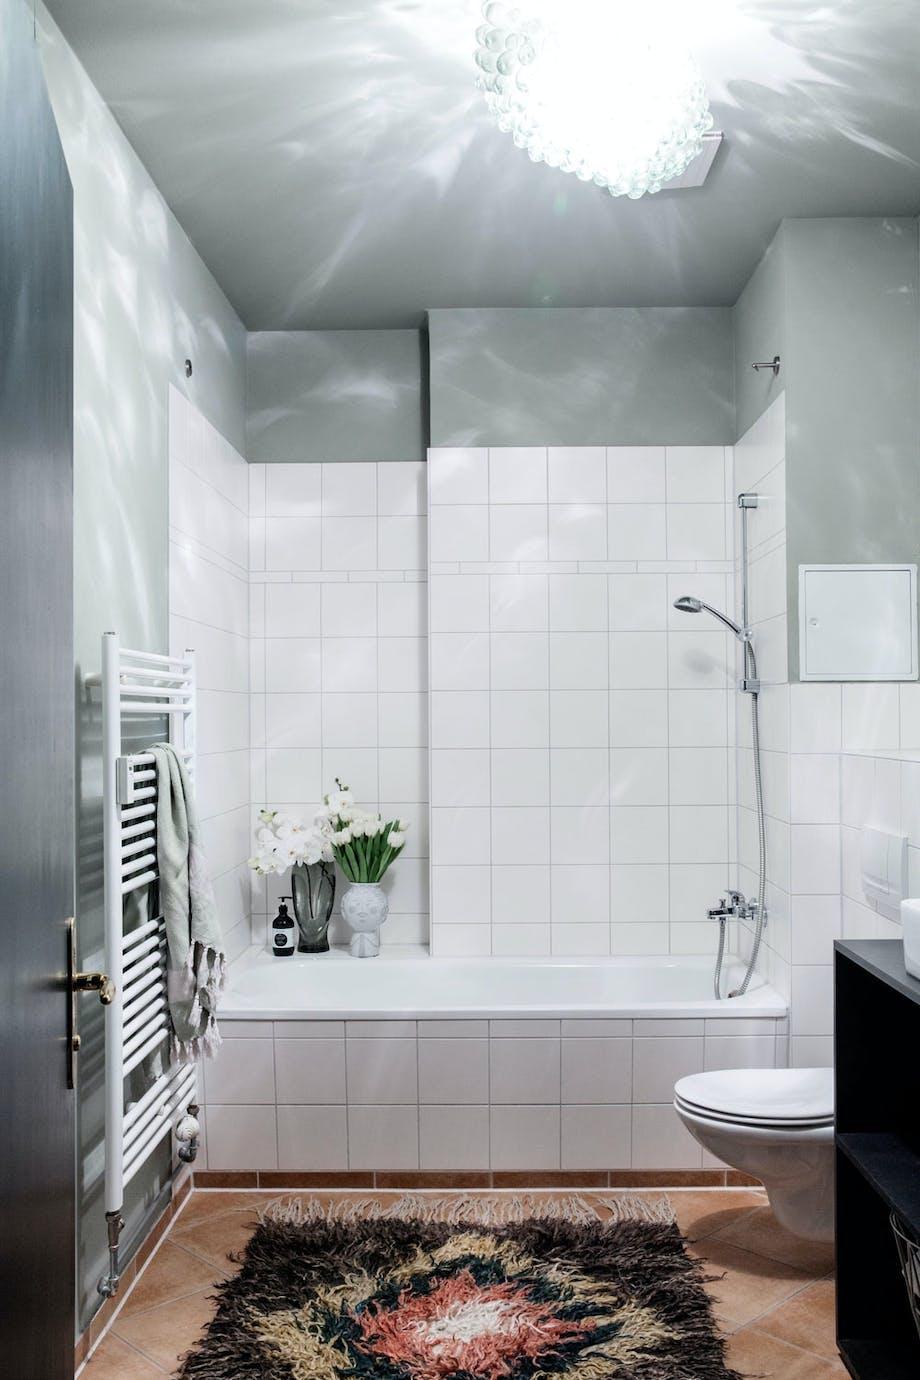 Gjør et enkelt bad eksklusivt!